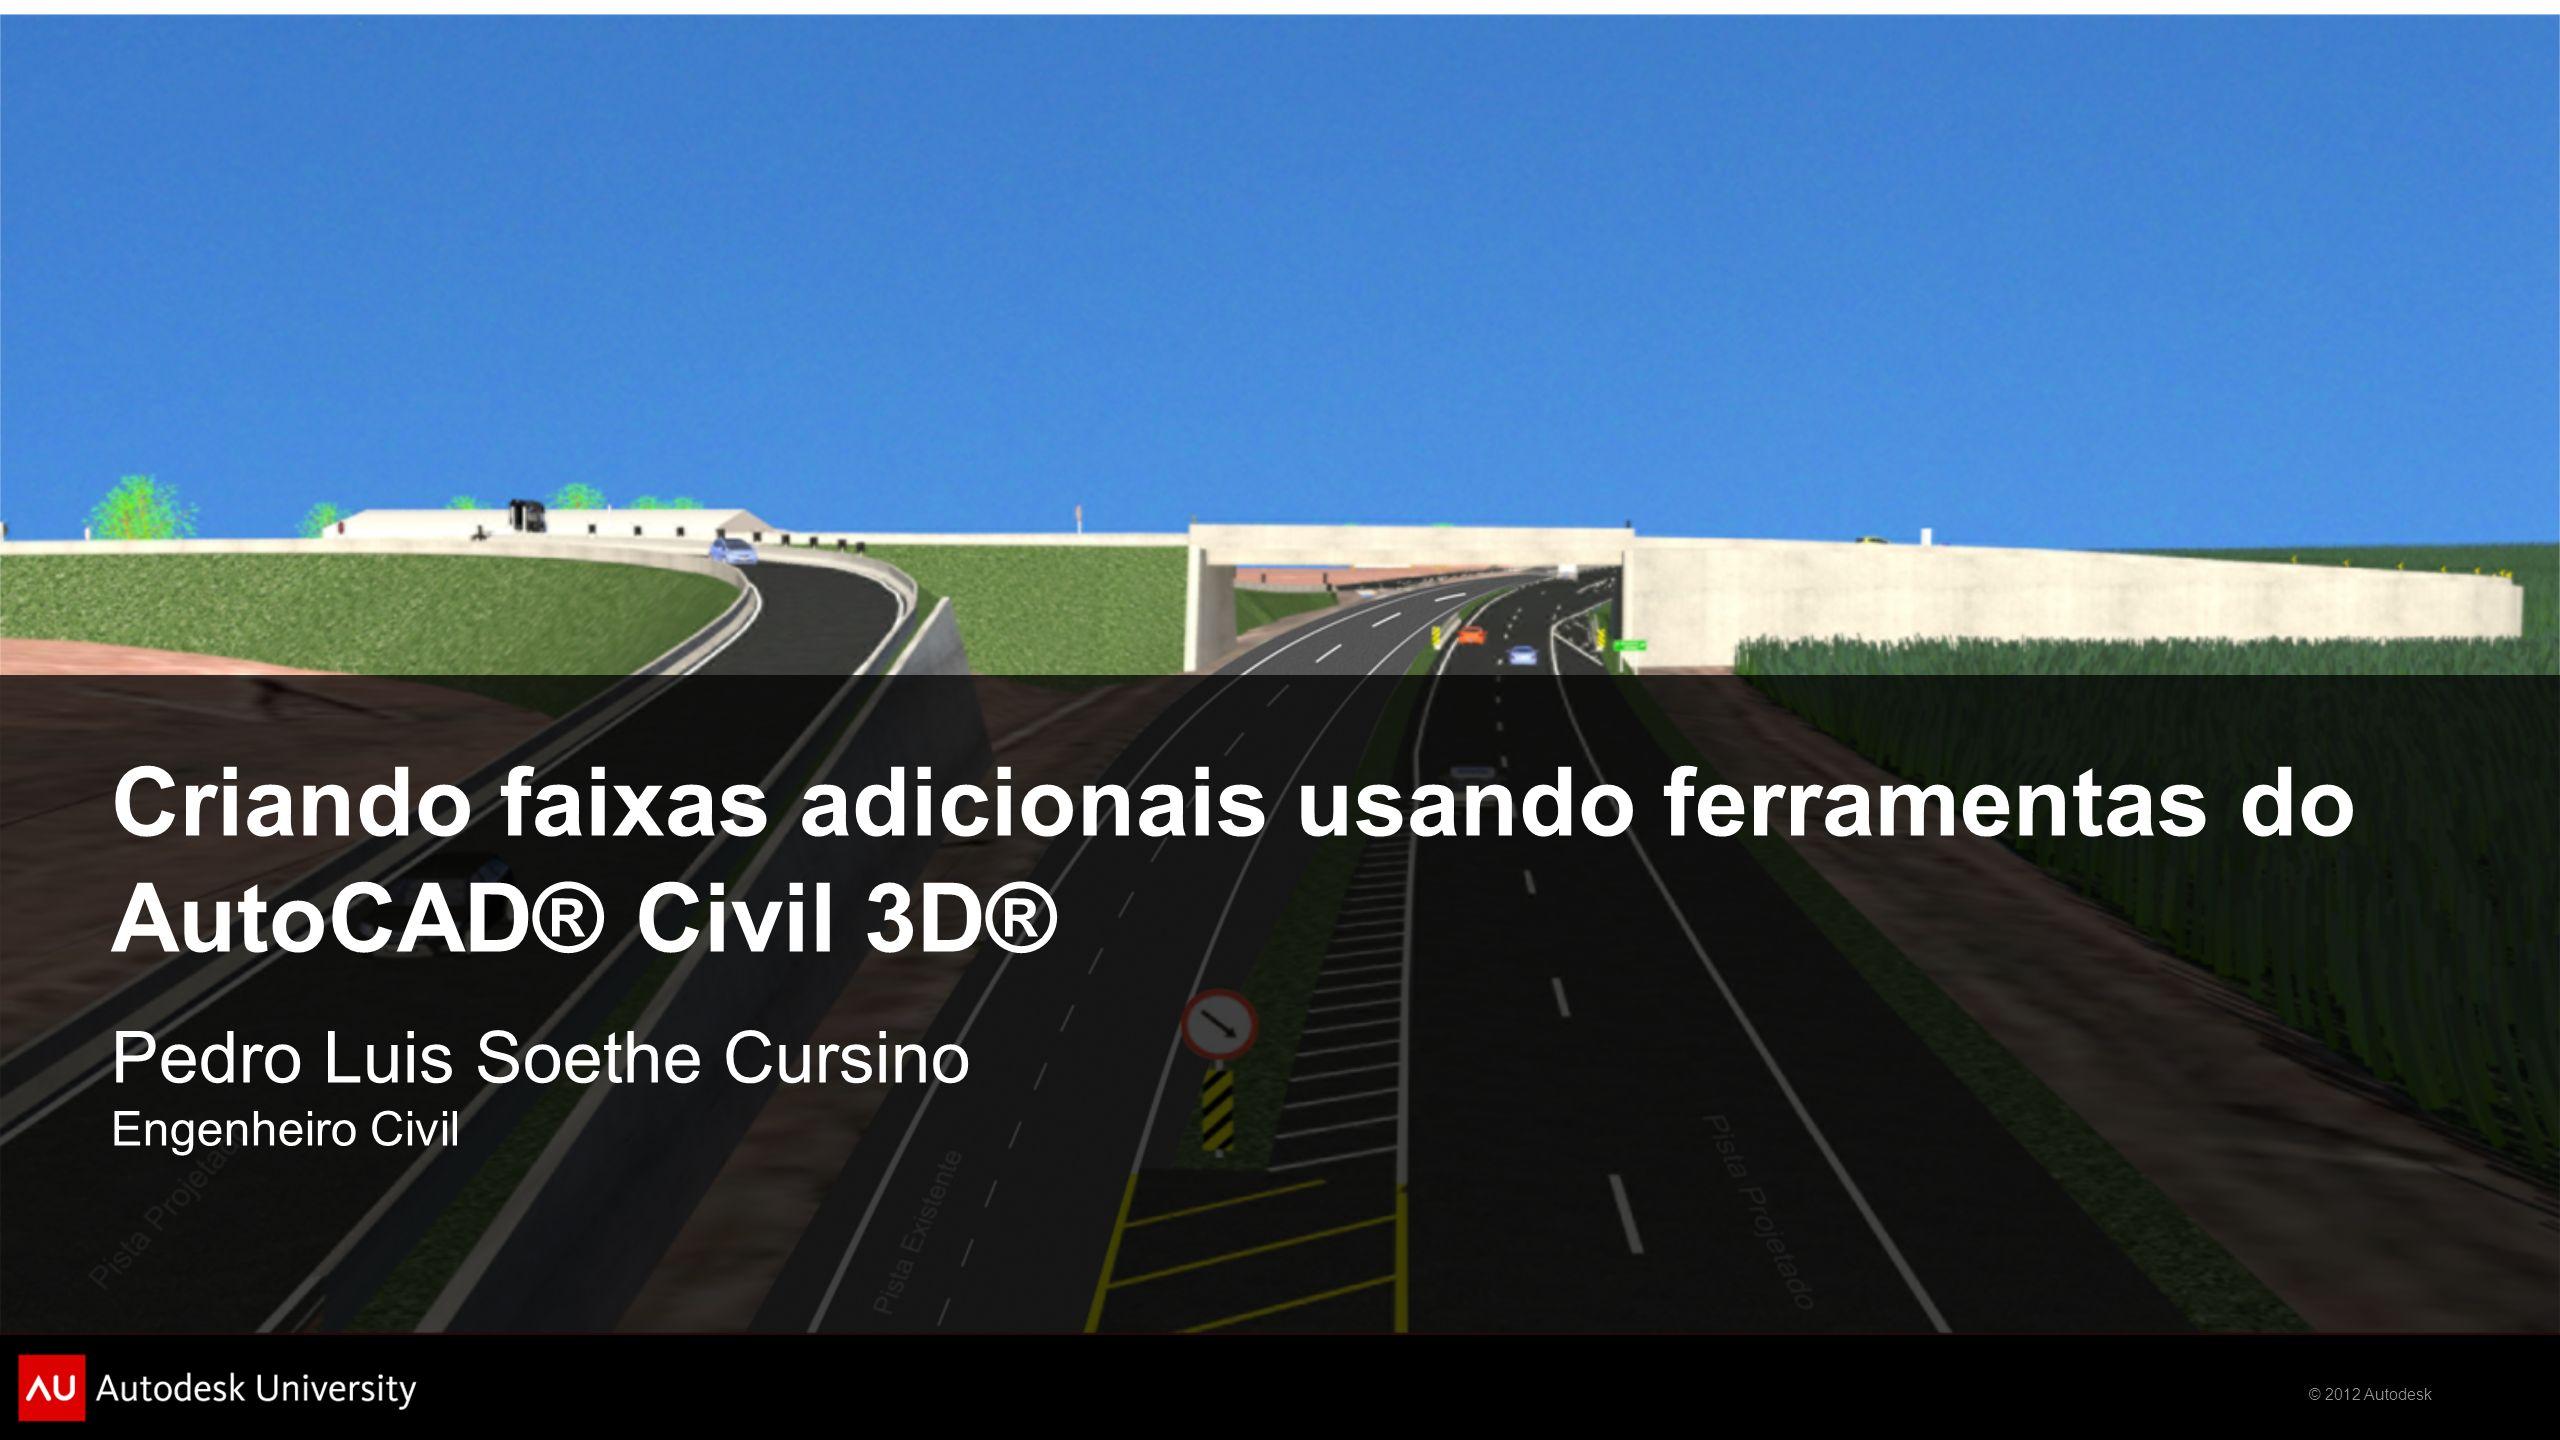 Criando faixas adicionais usando ferramentas do AutoCAD® Civil 3D®